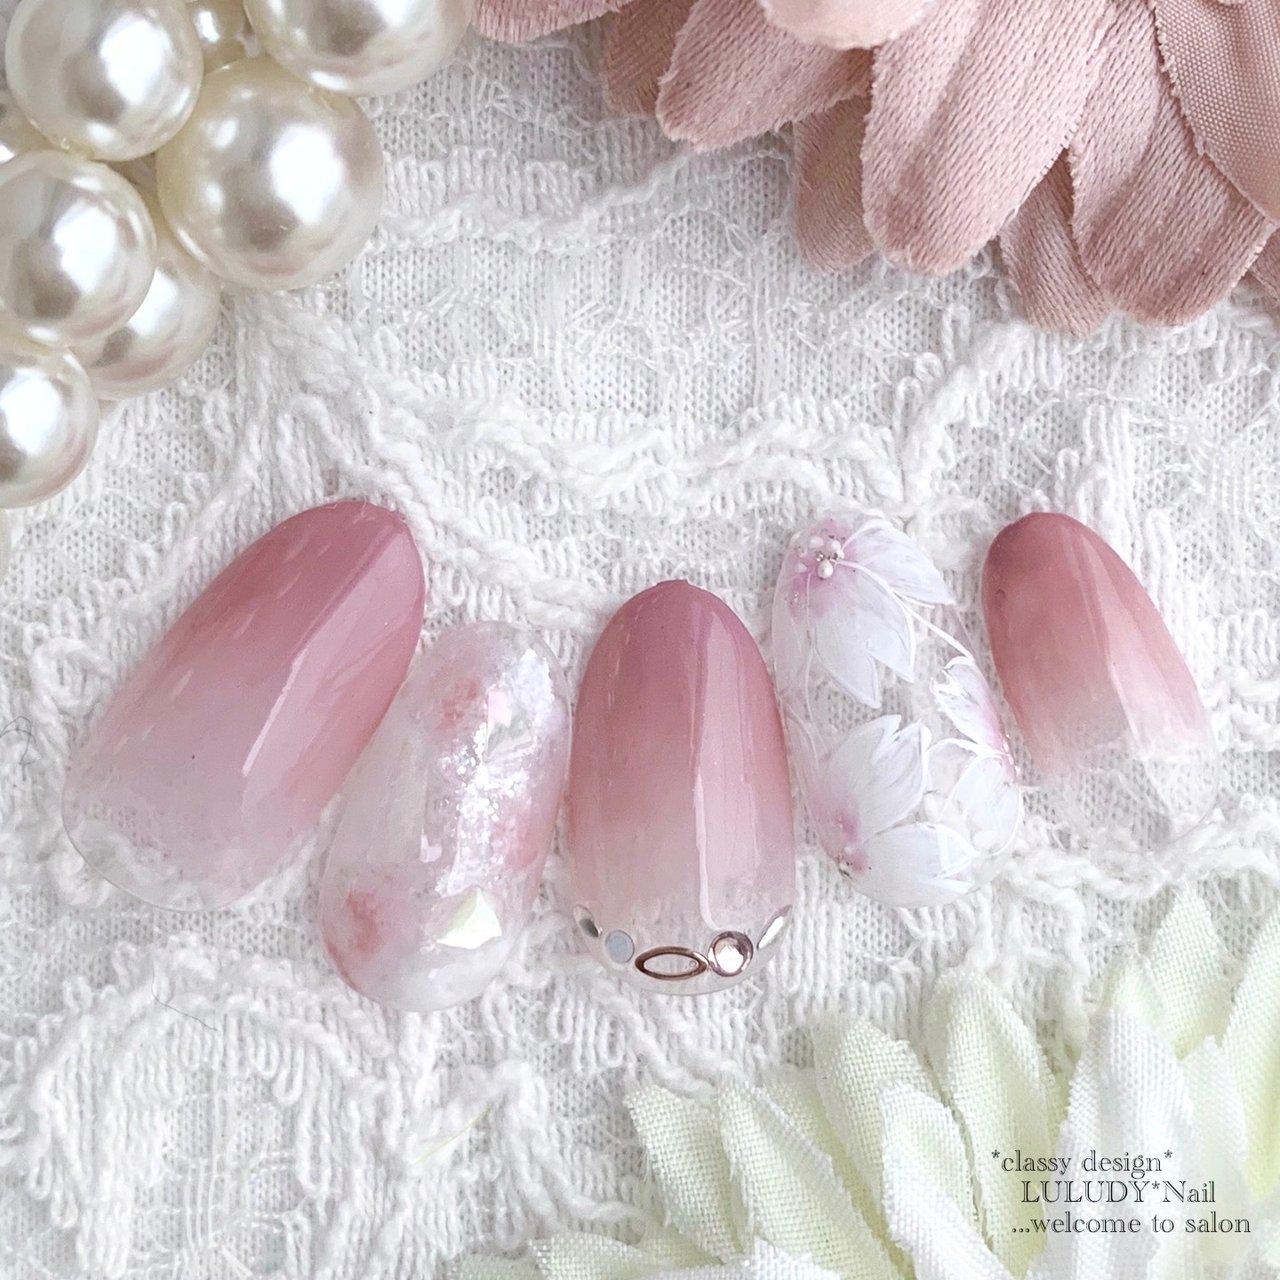 #桜ネイル #luludynail #ネイルブック